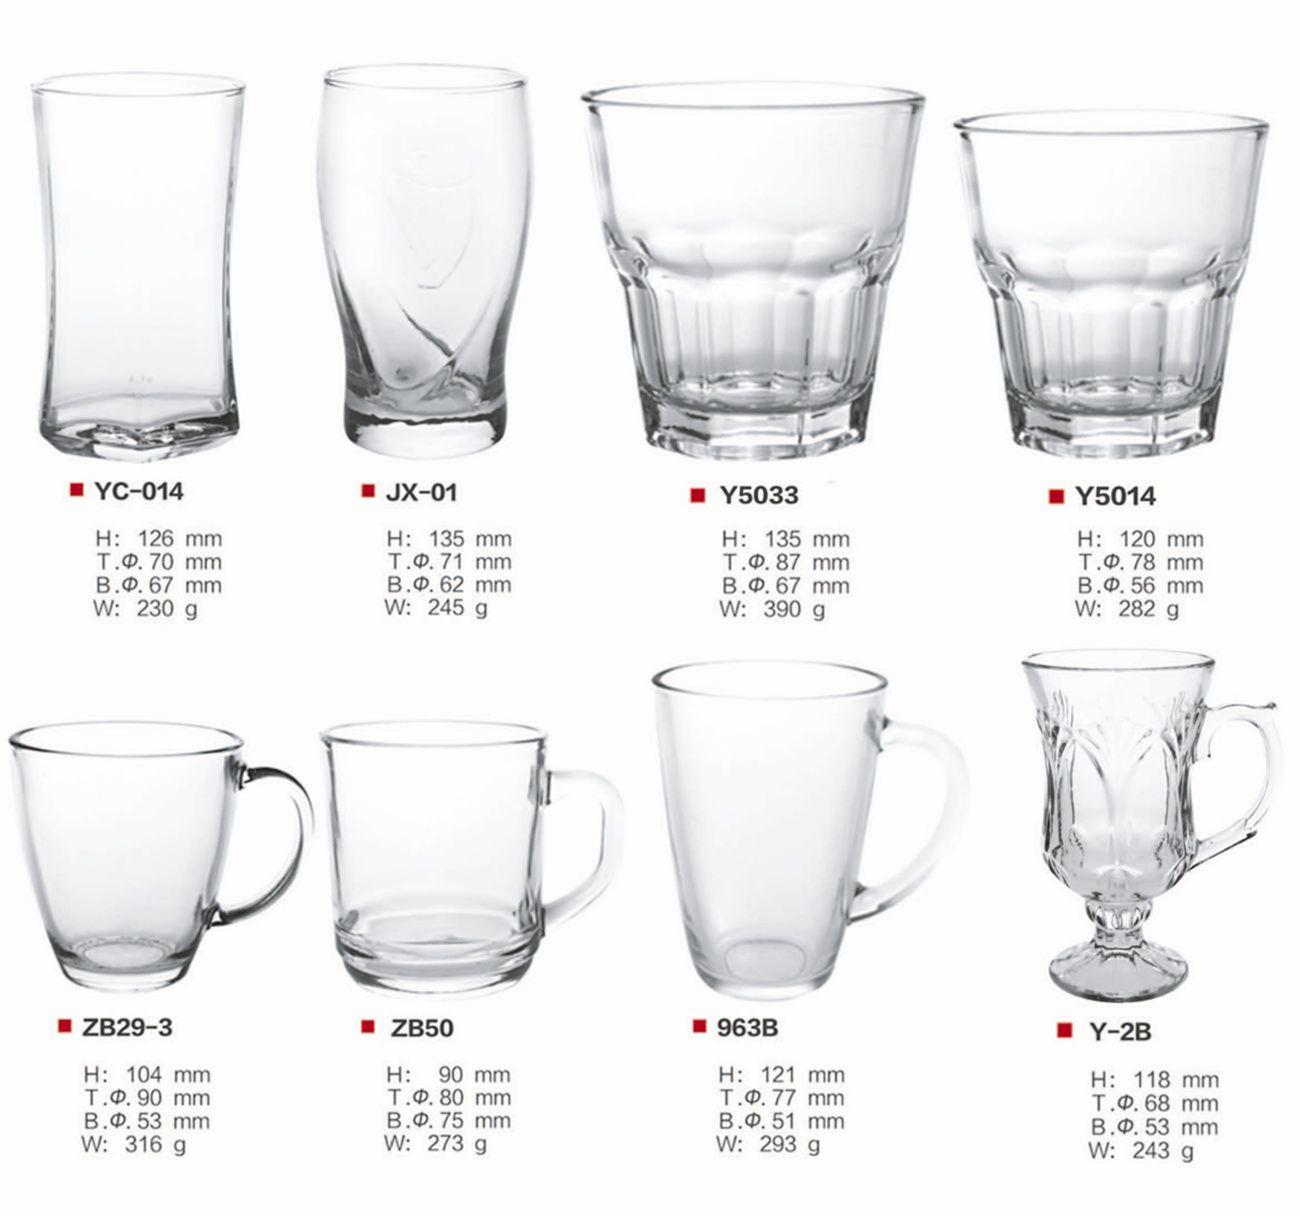 Standard White Wine Glasses Dimension Google Search White Wine